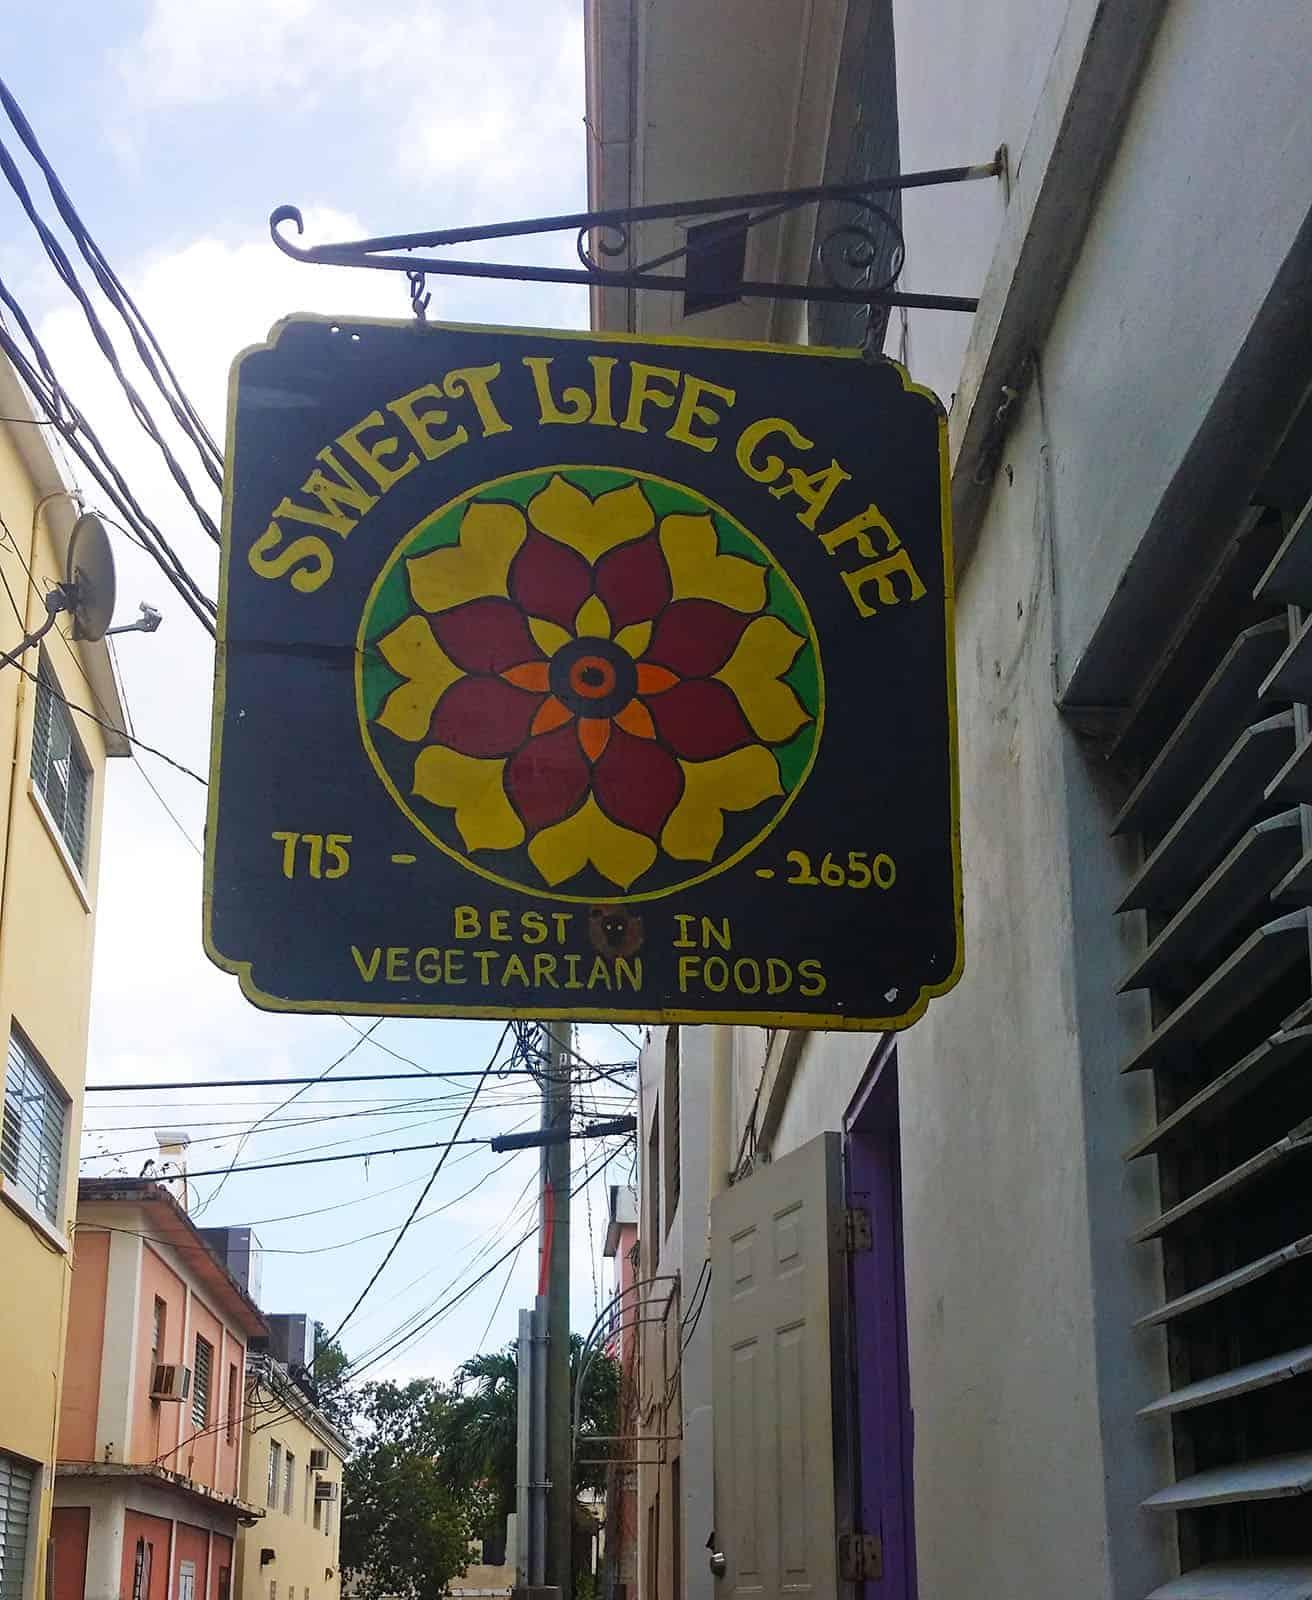 Sweet Life Cafe, St Thomas